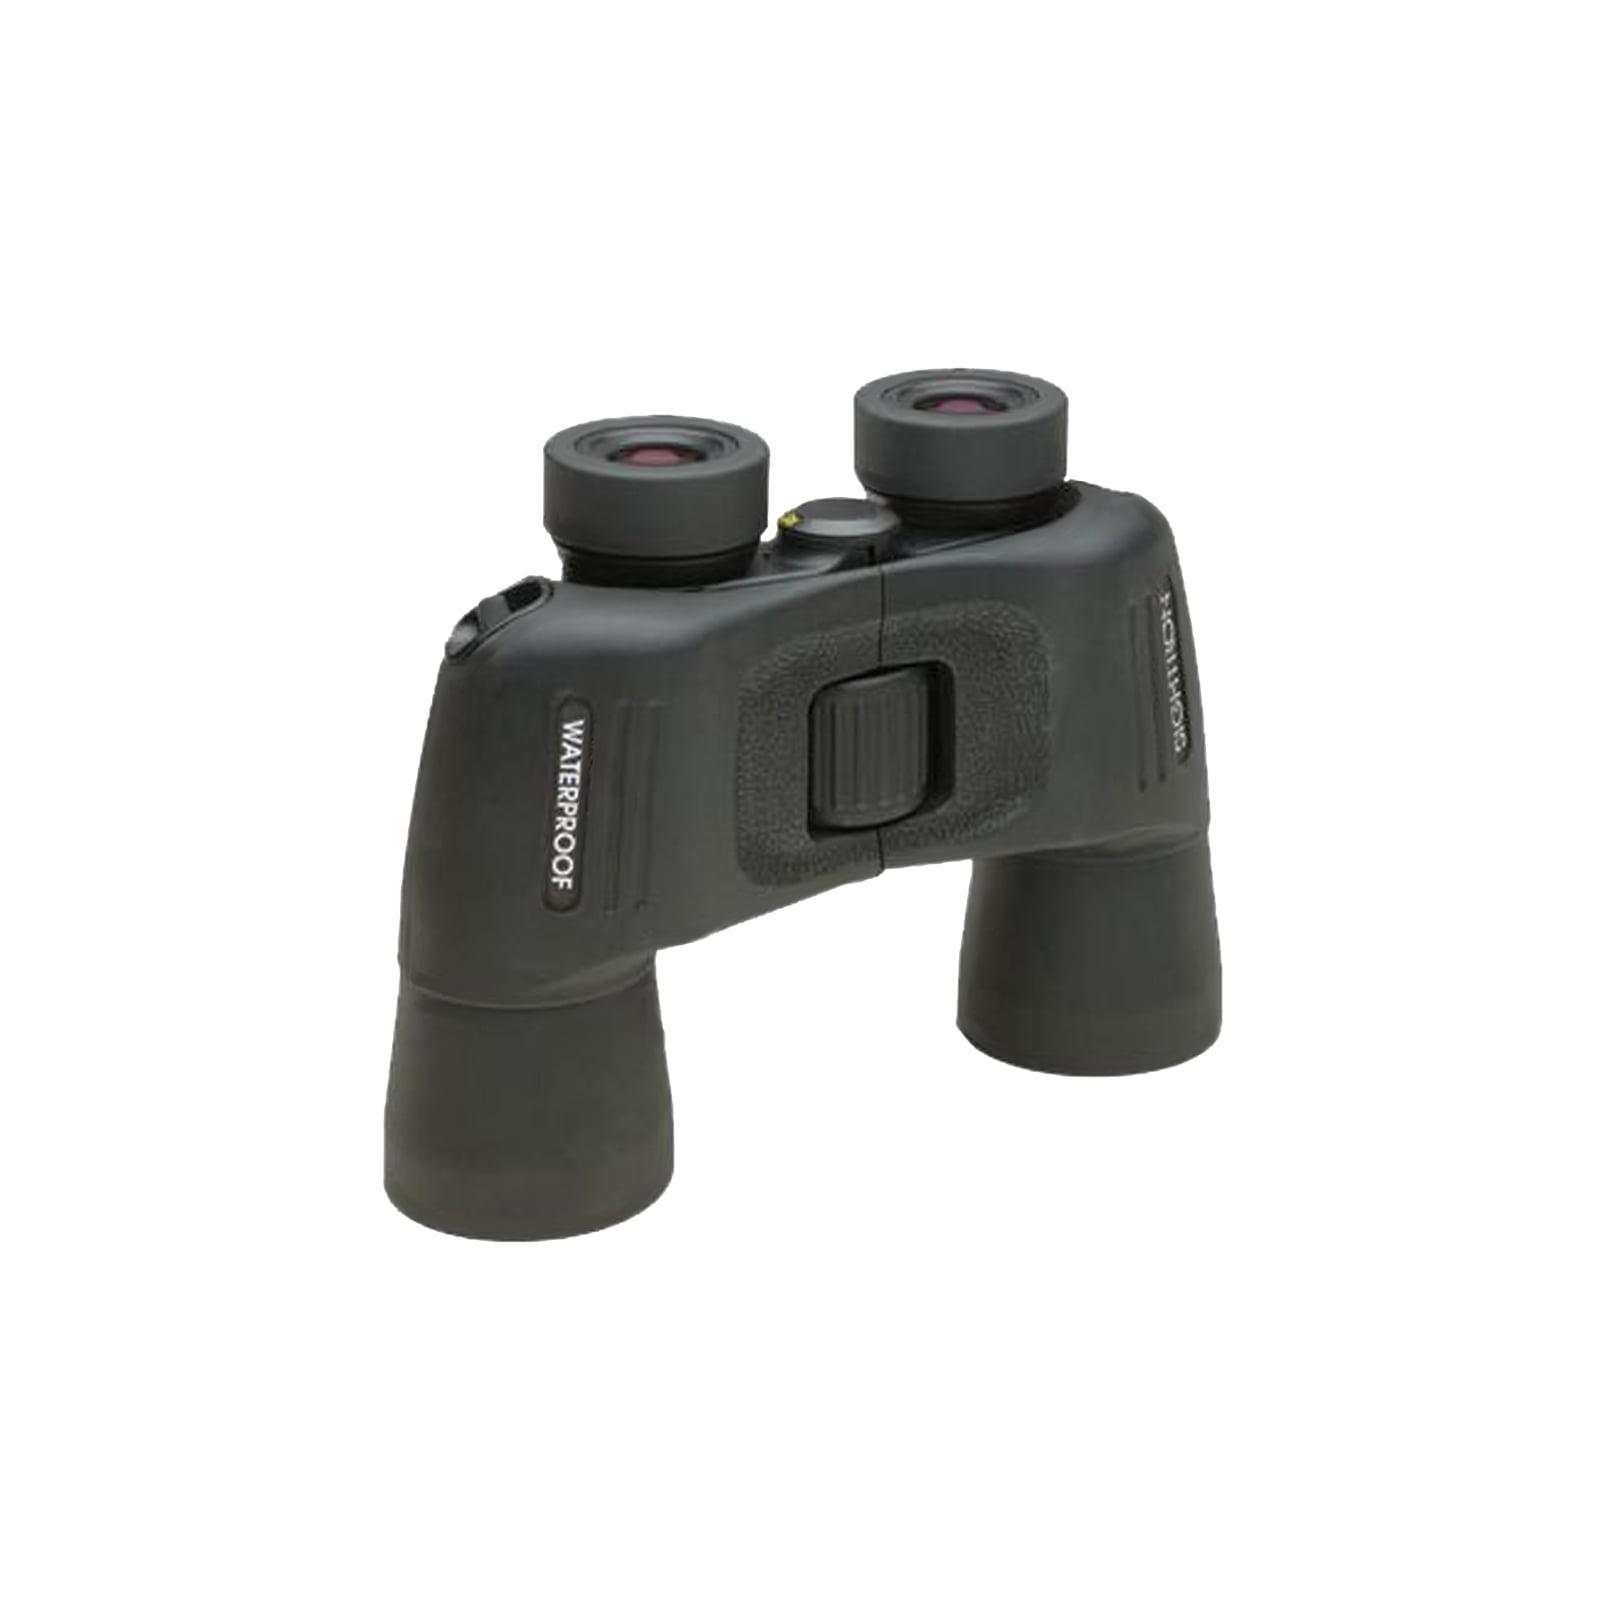 SII Waterproof 10x42mm Binoculars